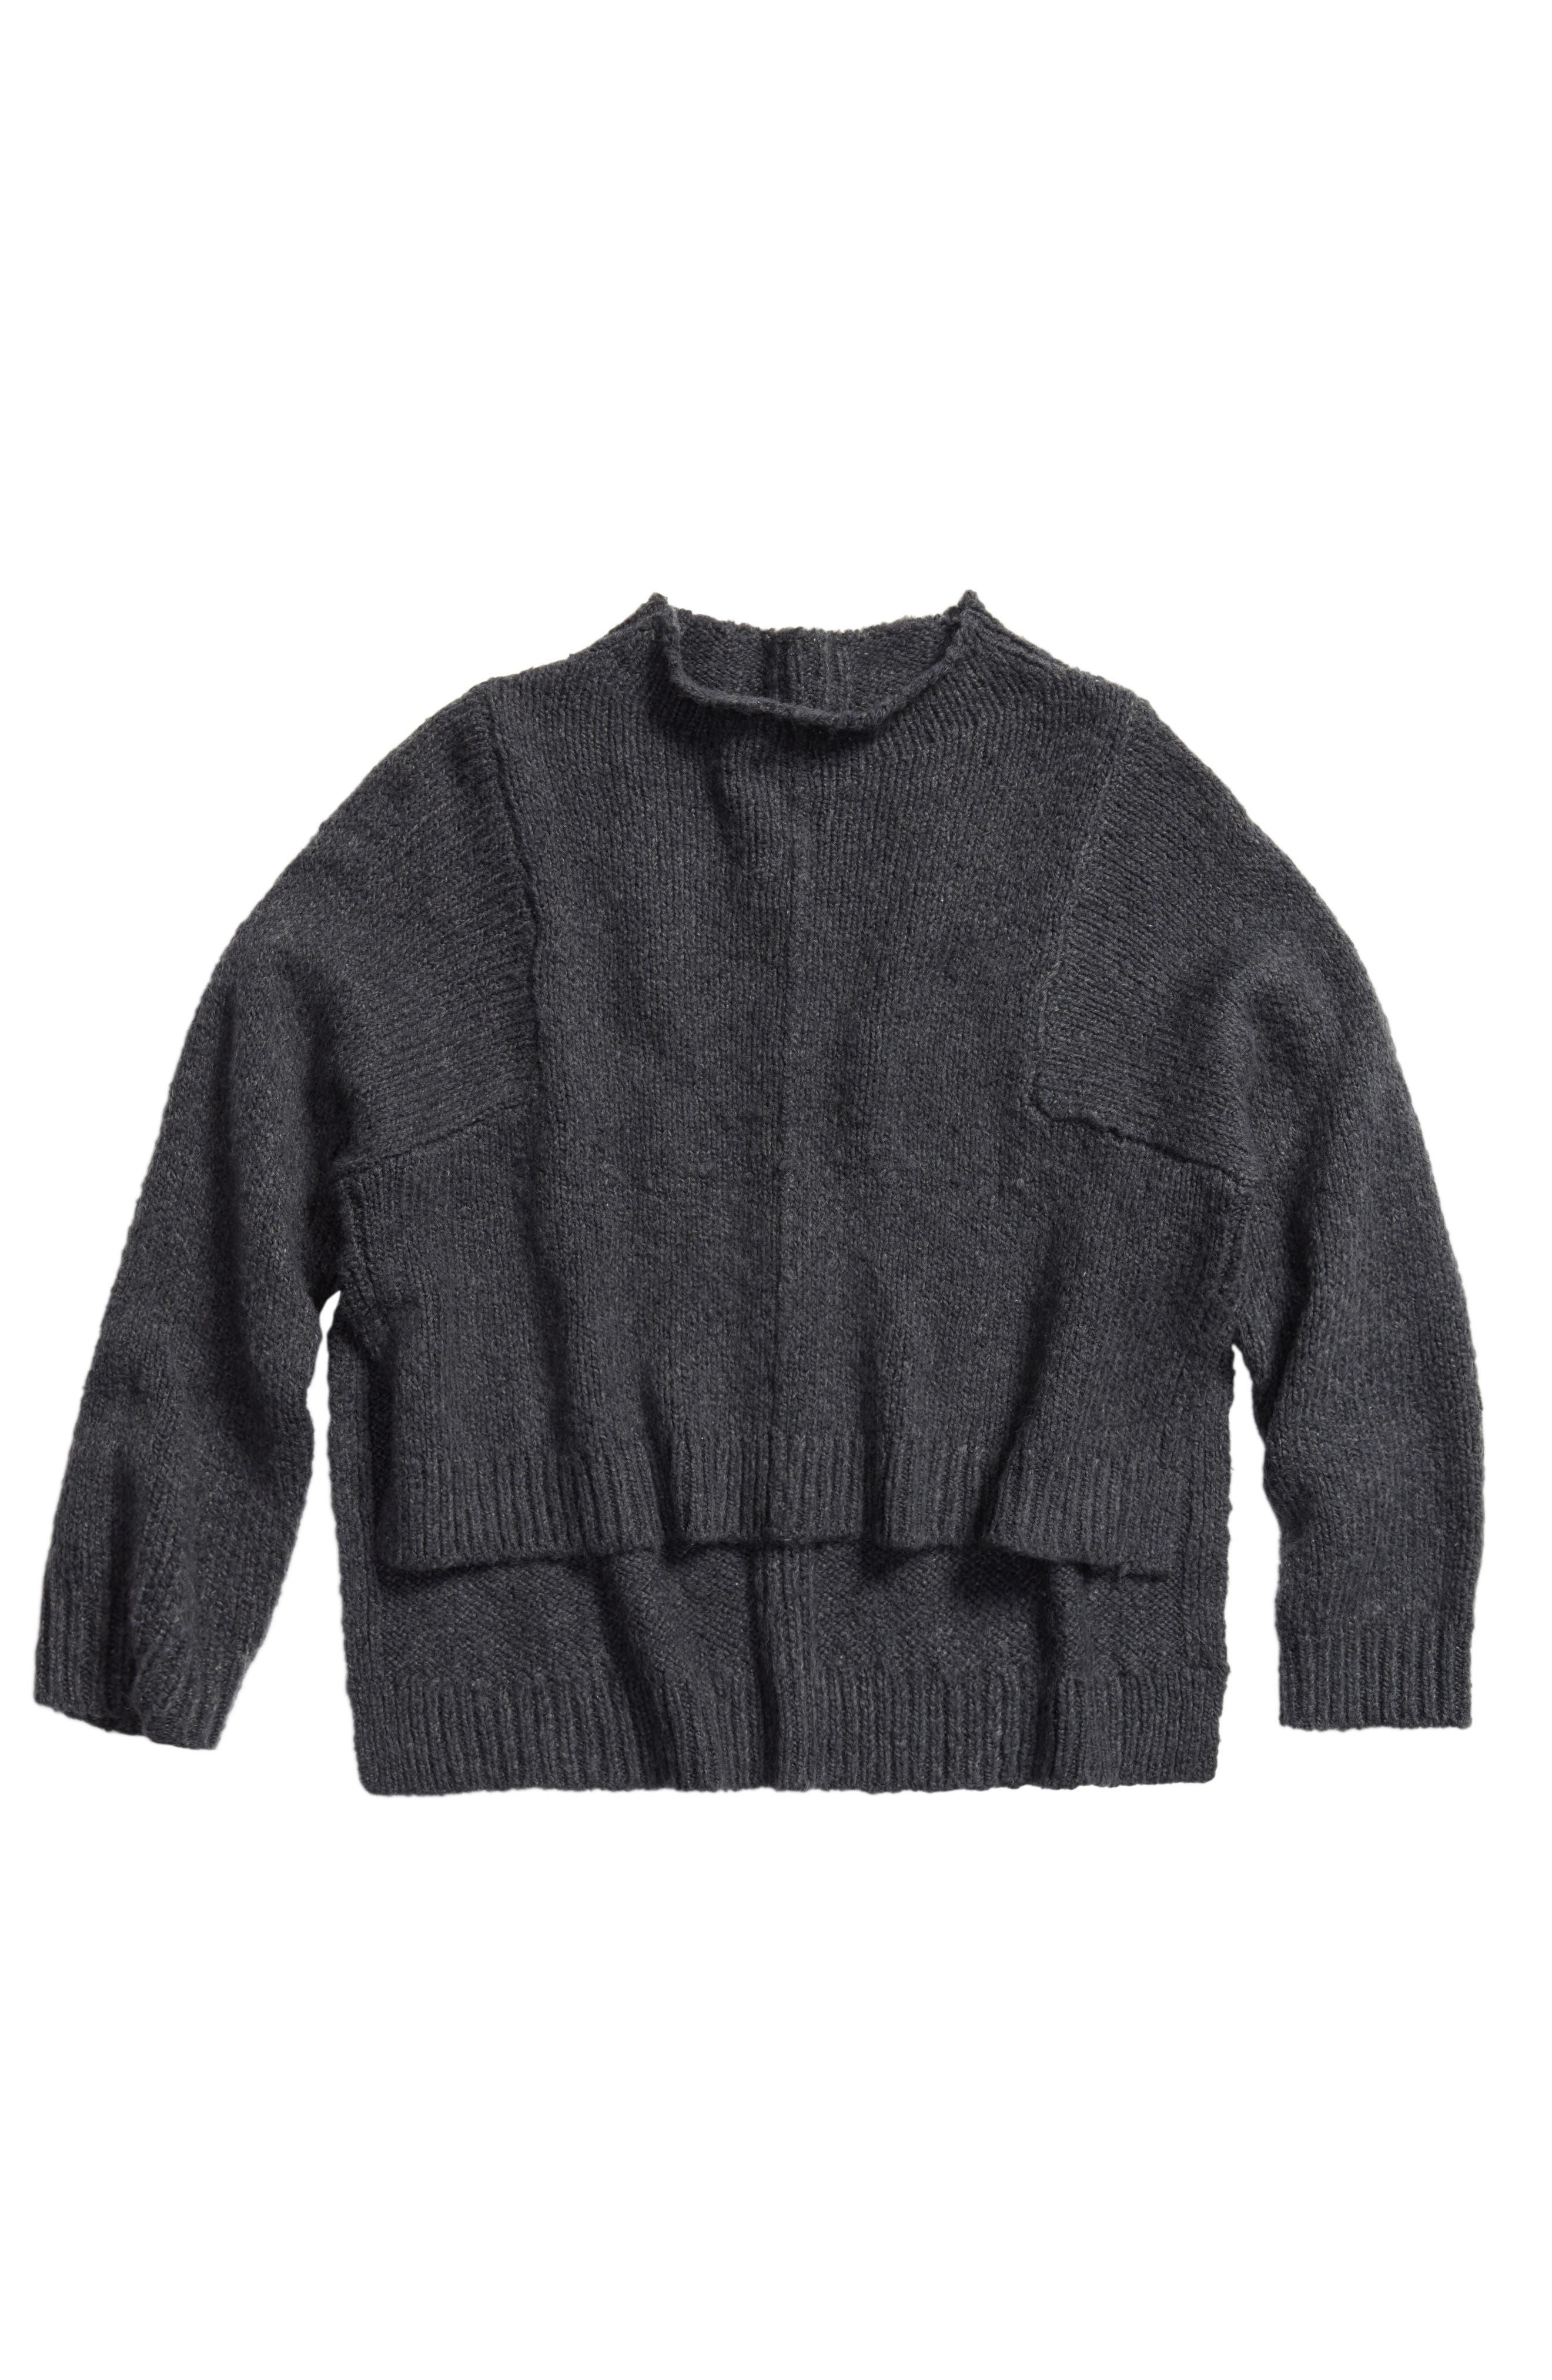 TREASURE & BOND Funnel Neck Sweater, Main, color, 021